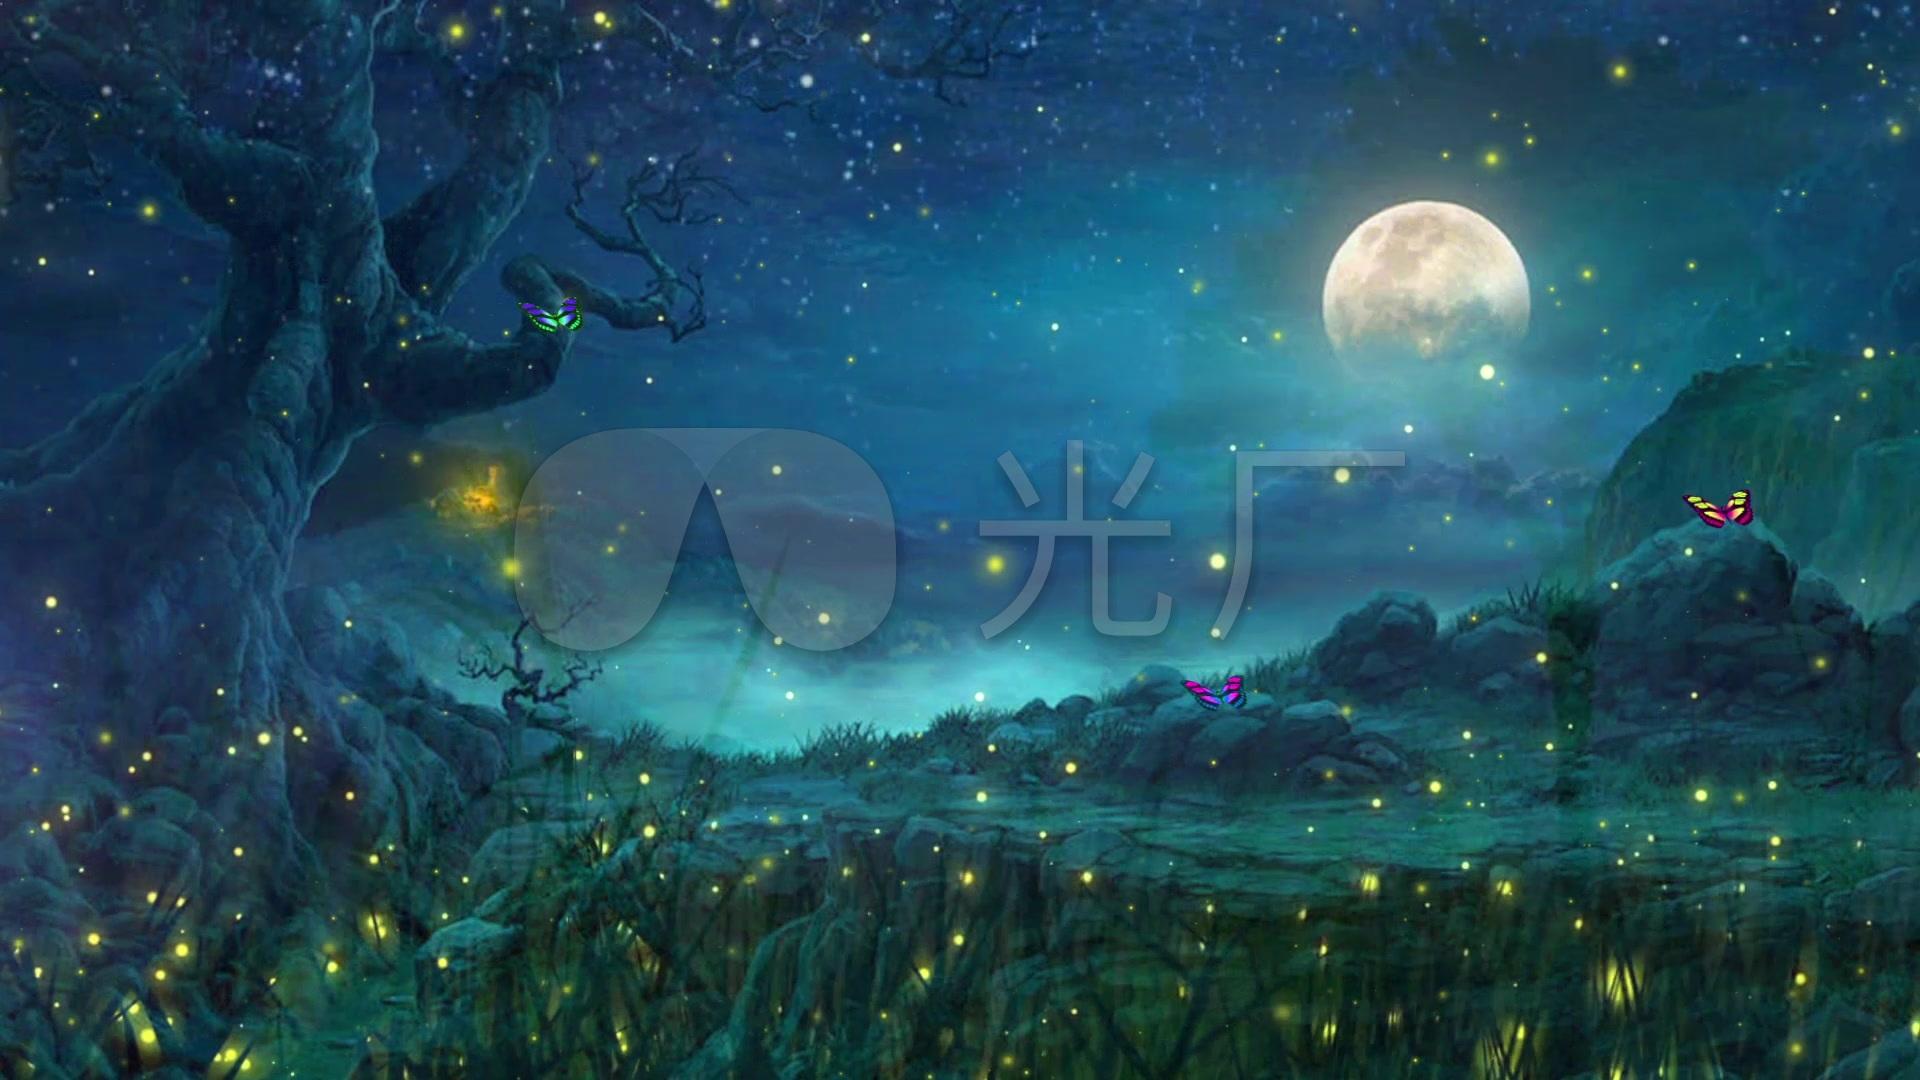 唯美梦幻月夜仙境萤火虫森林led背景视频图片